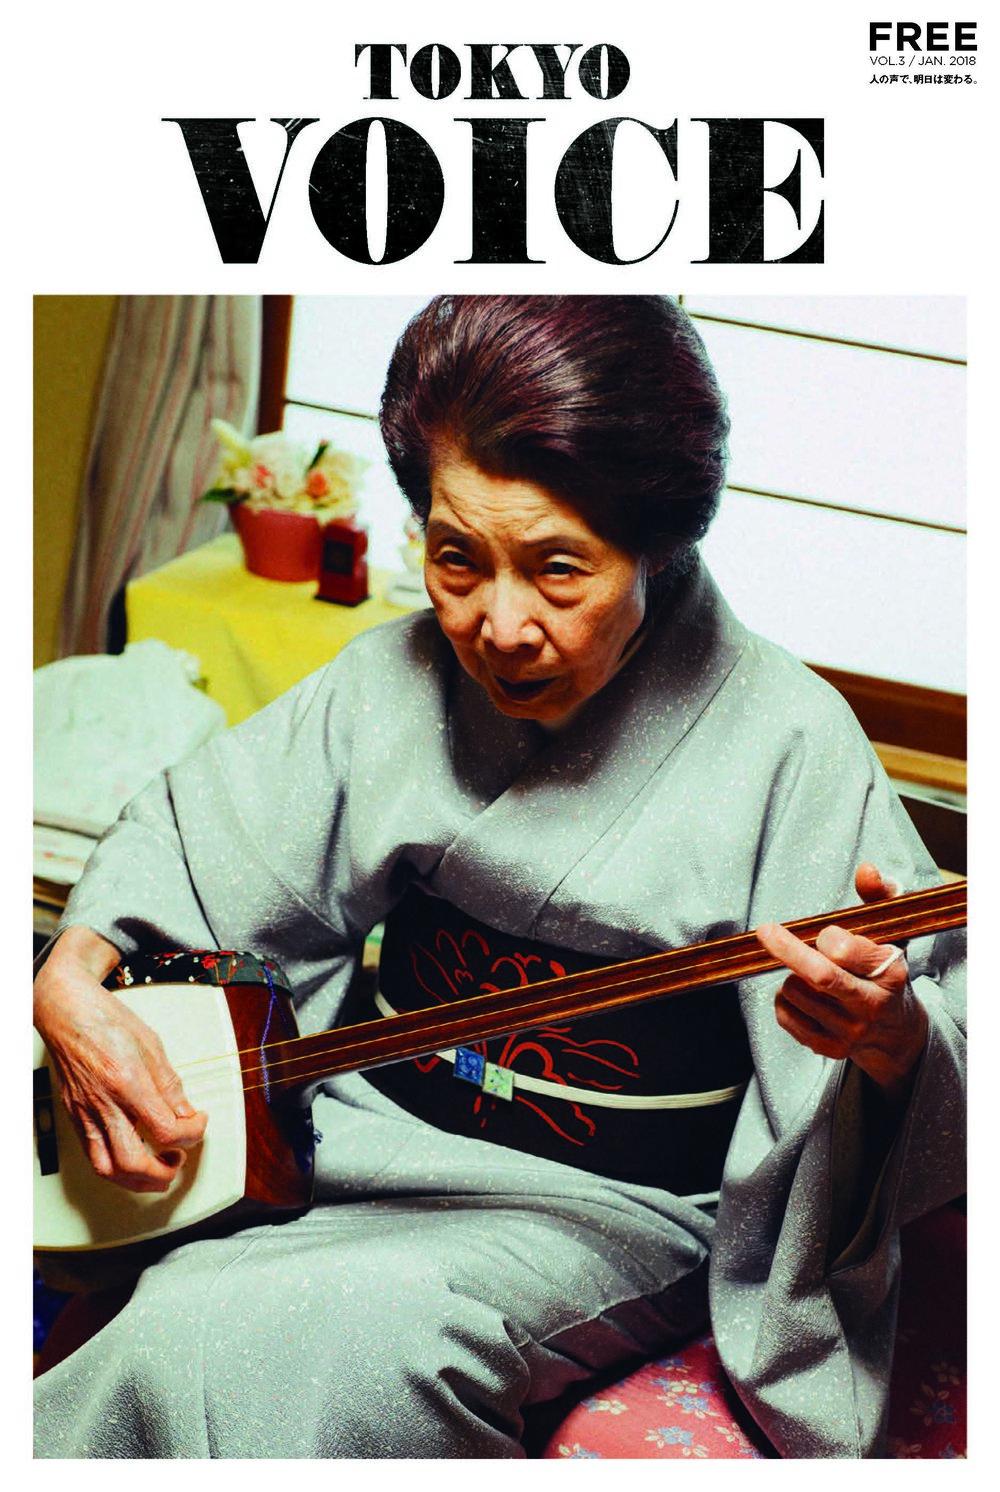 TOKYO VOICE Vol.3のテーマは「I LOVE IT ! 大好き!」。表紙は94歳の現役の芸者さん、浅草のゆう子姐さんです。配布先は、TOKYO VOICEのウェブをご覧ください。 tokyo-voice.jp